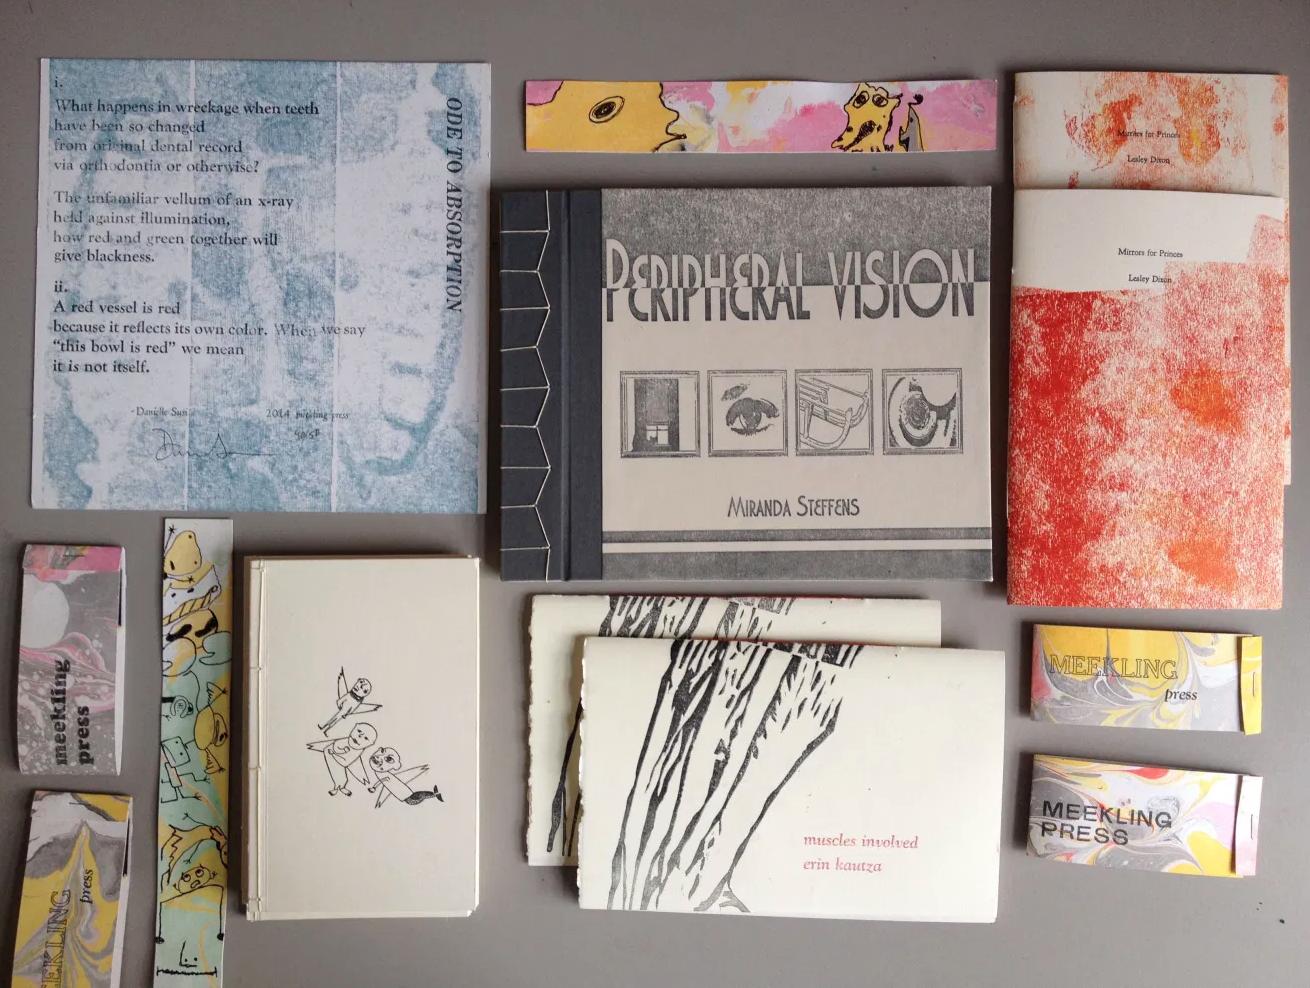 Meekling Press covers